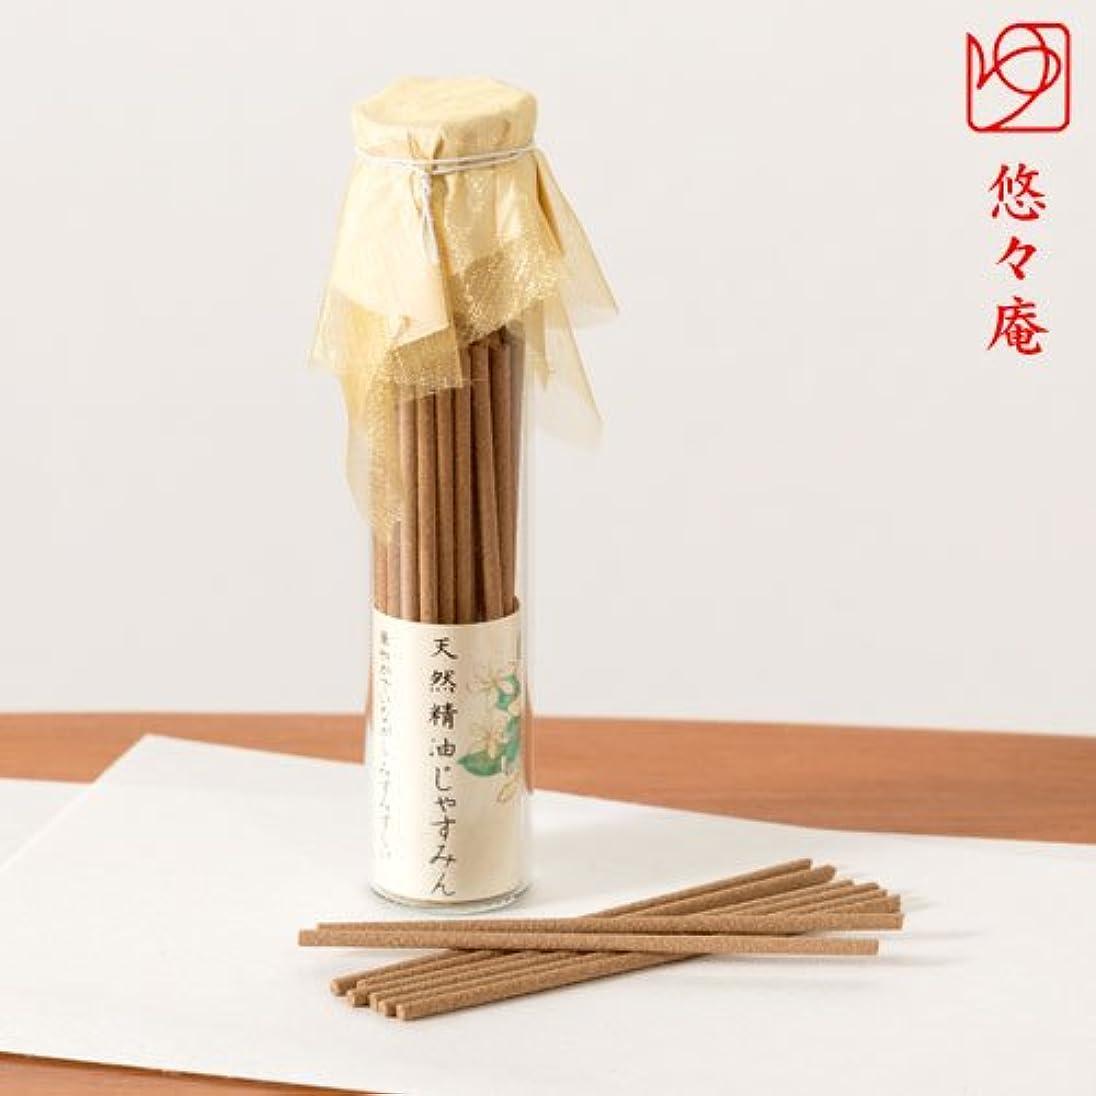 実現可能性蒸用心スティックお香天然精油のお線香窓辺のじゃすみんガラスビン入悠々庵Incense stick of natural essential oil